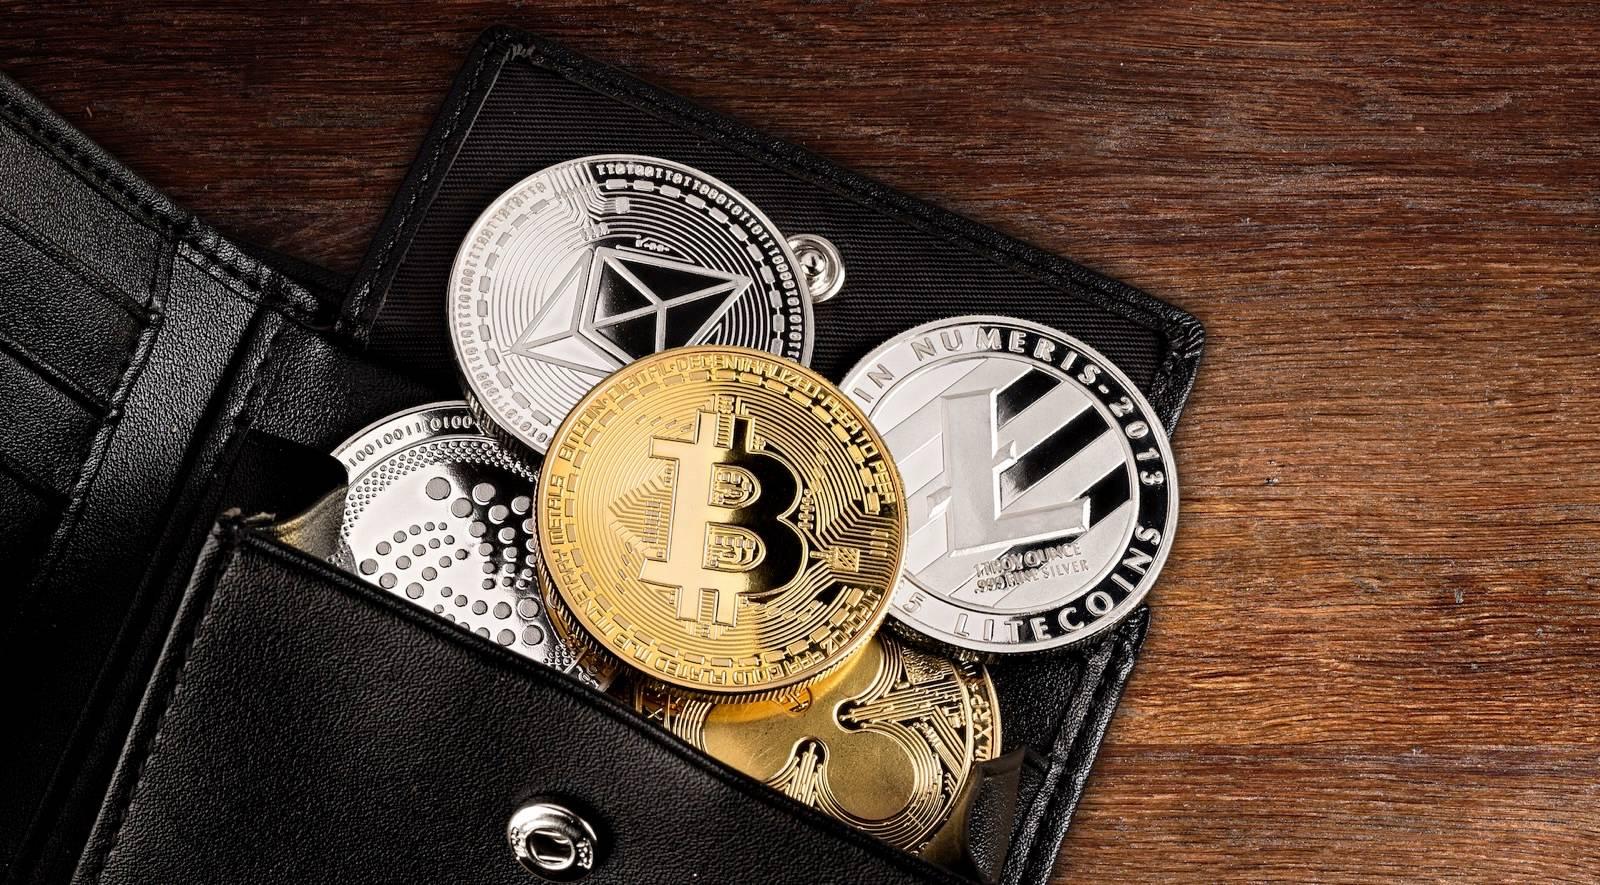 Apple sẽ chấp nhận thanh toán bằng tiền điện tử, bitcoin? - Ảnh 1.